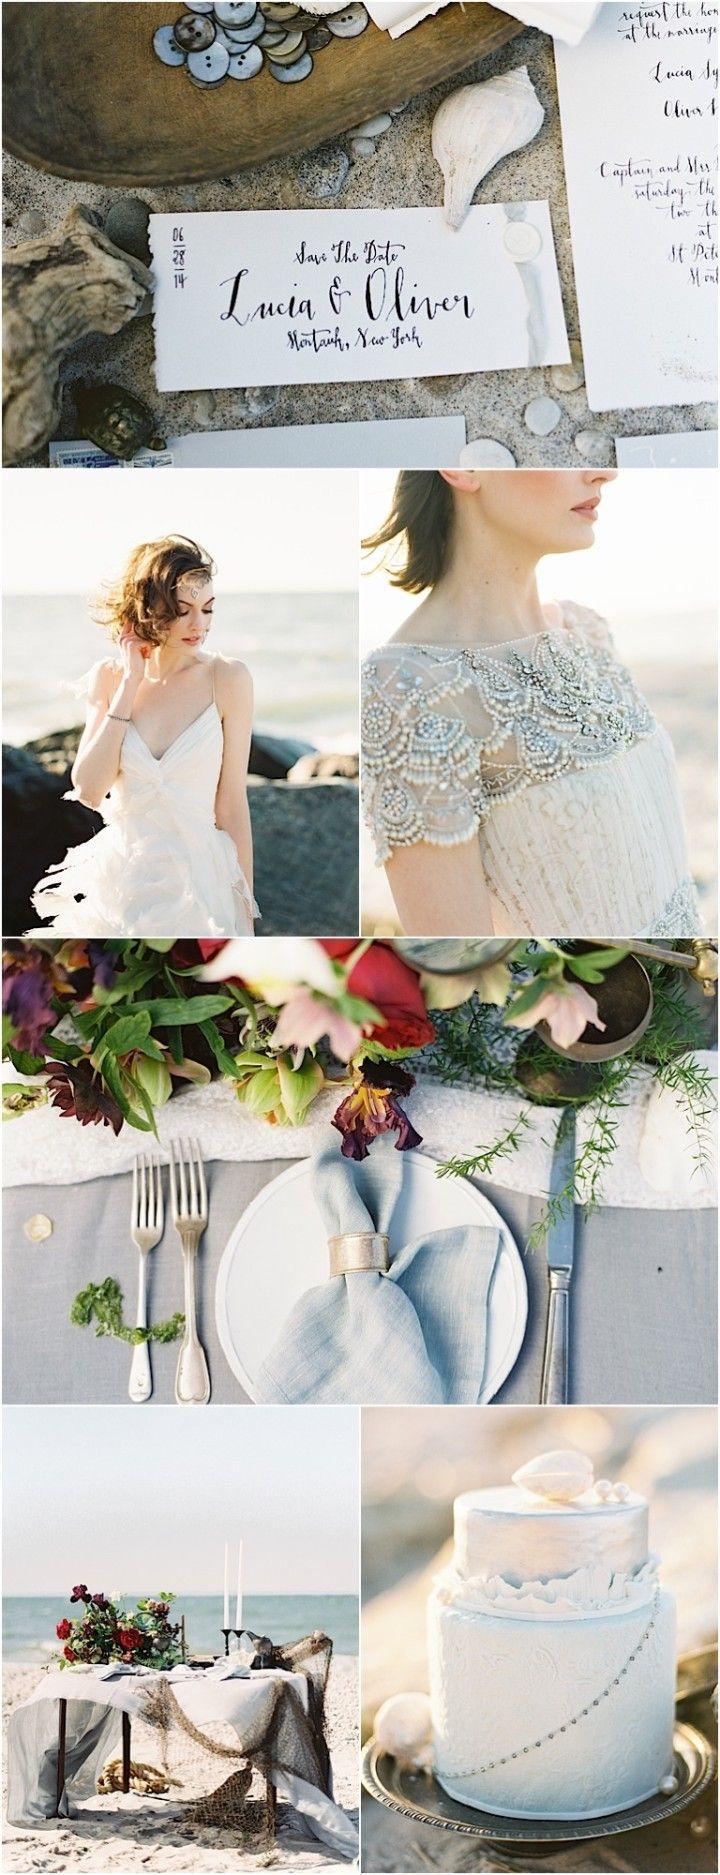 زفاف - Modern Shipwreck-Inspired Beach Wedding Shoot